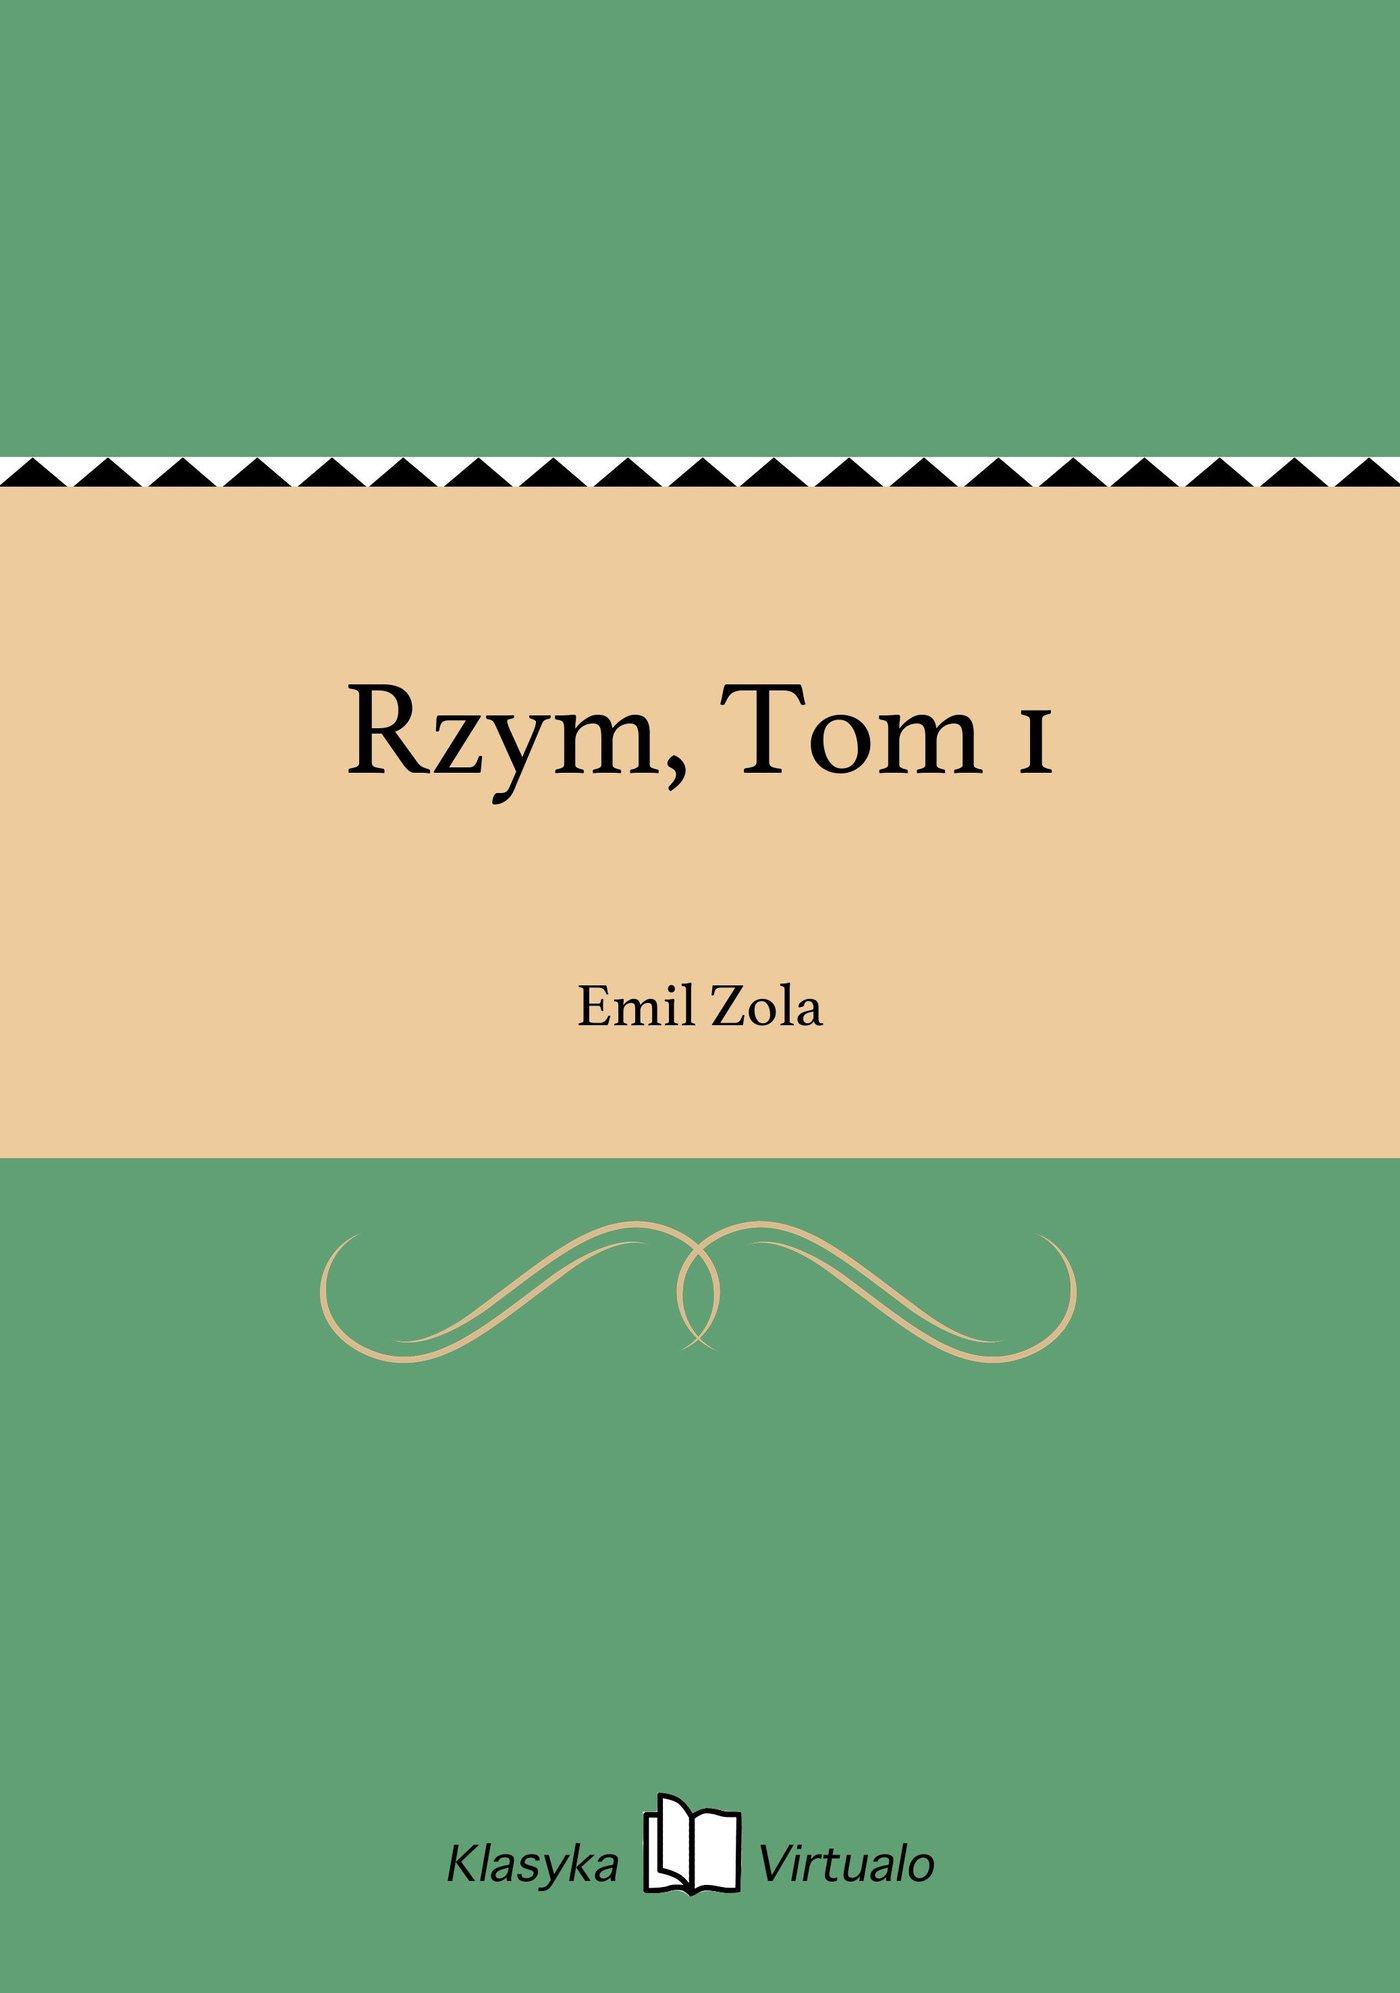 Rzym, Tom 1 - Ebook (Książka EPUB) do pobrania w formacie EPUB